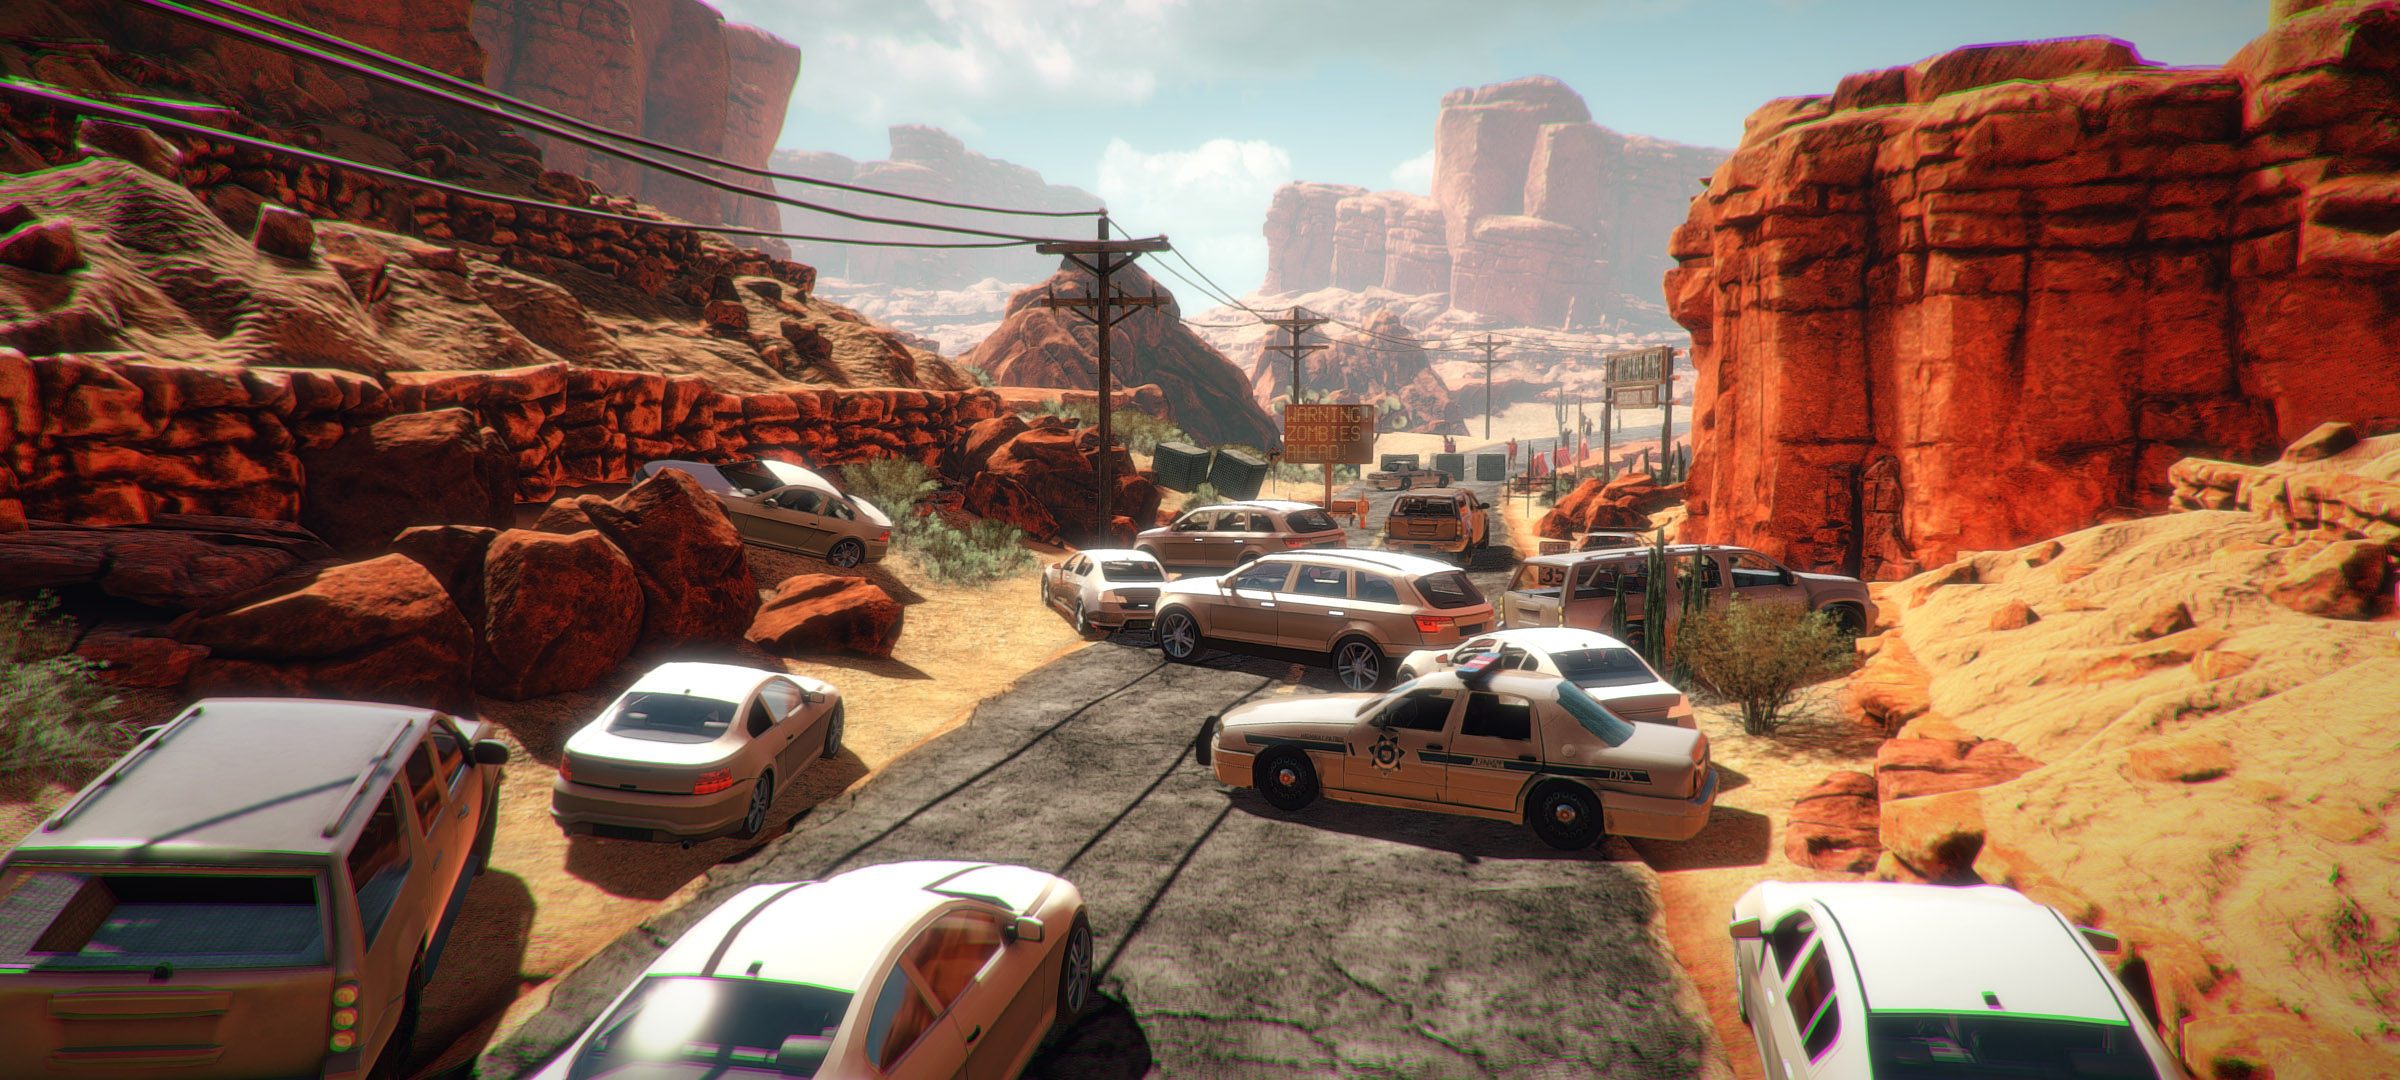 arizona sunshine nombreuses voitures abandonnées en travers d'une route dans le désert